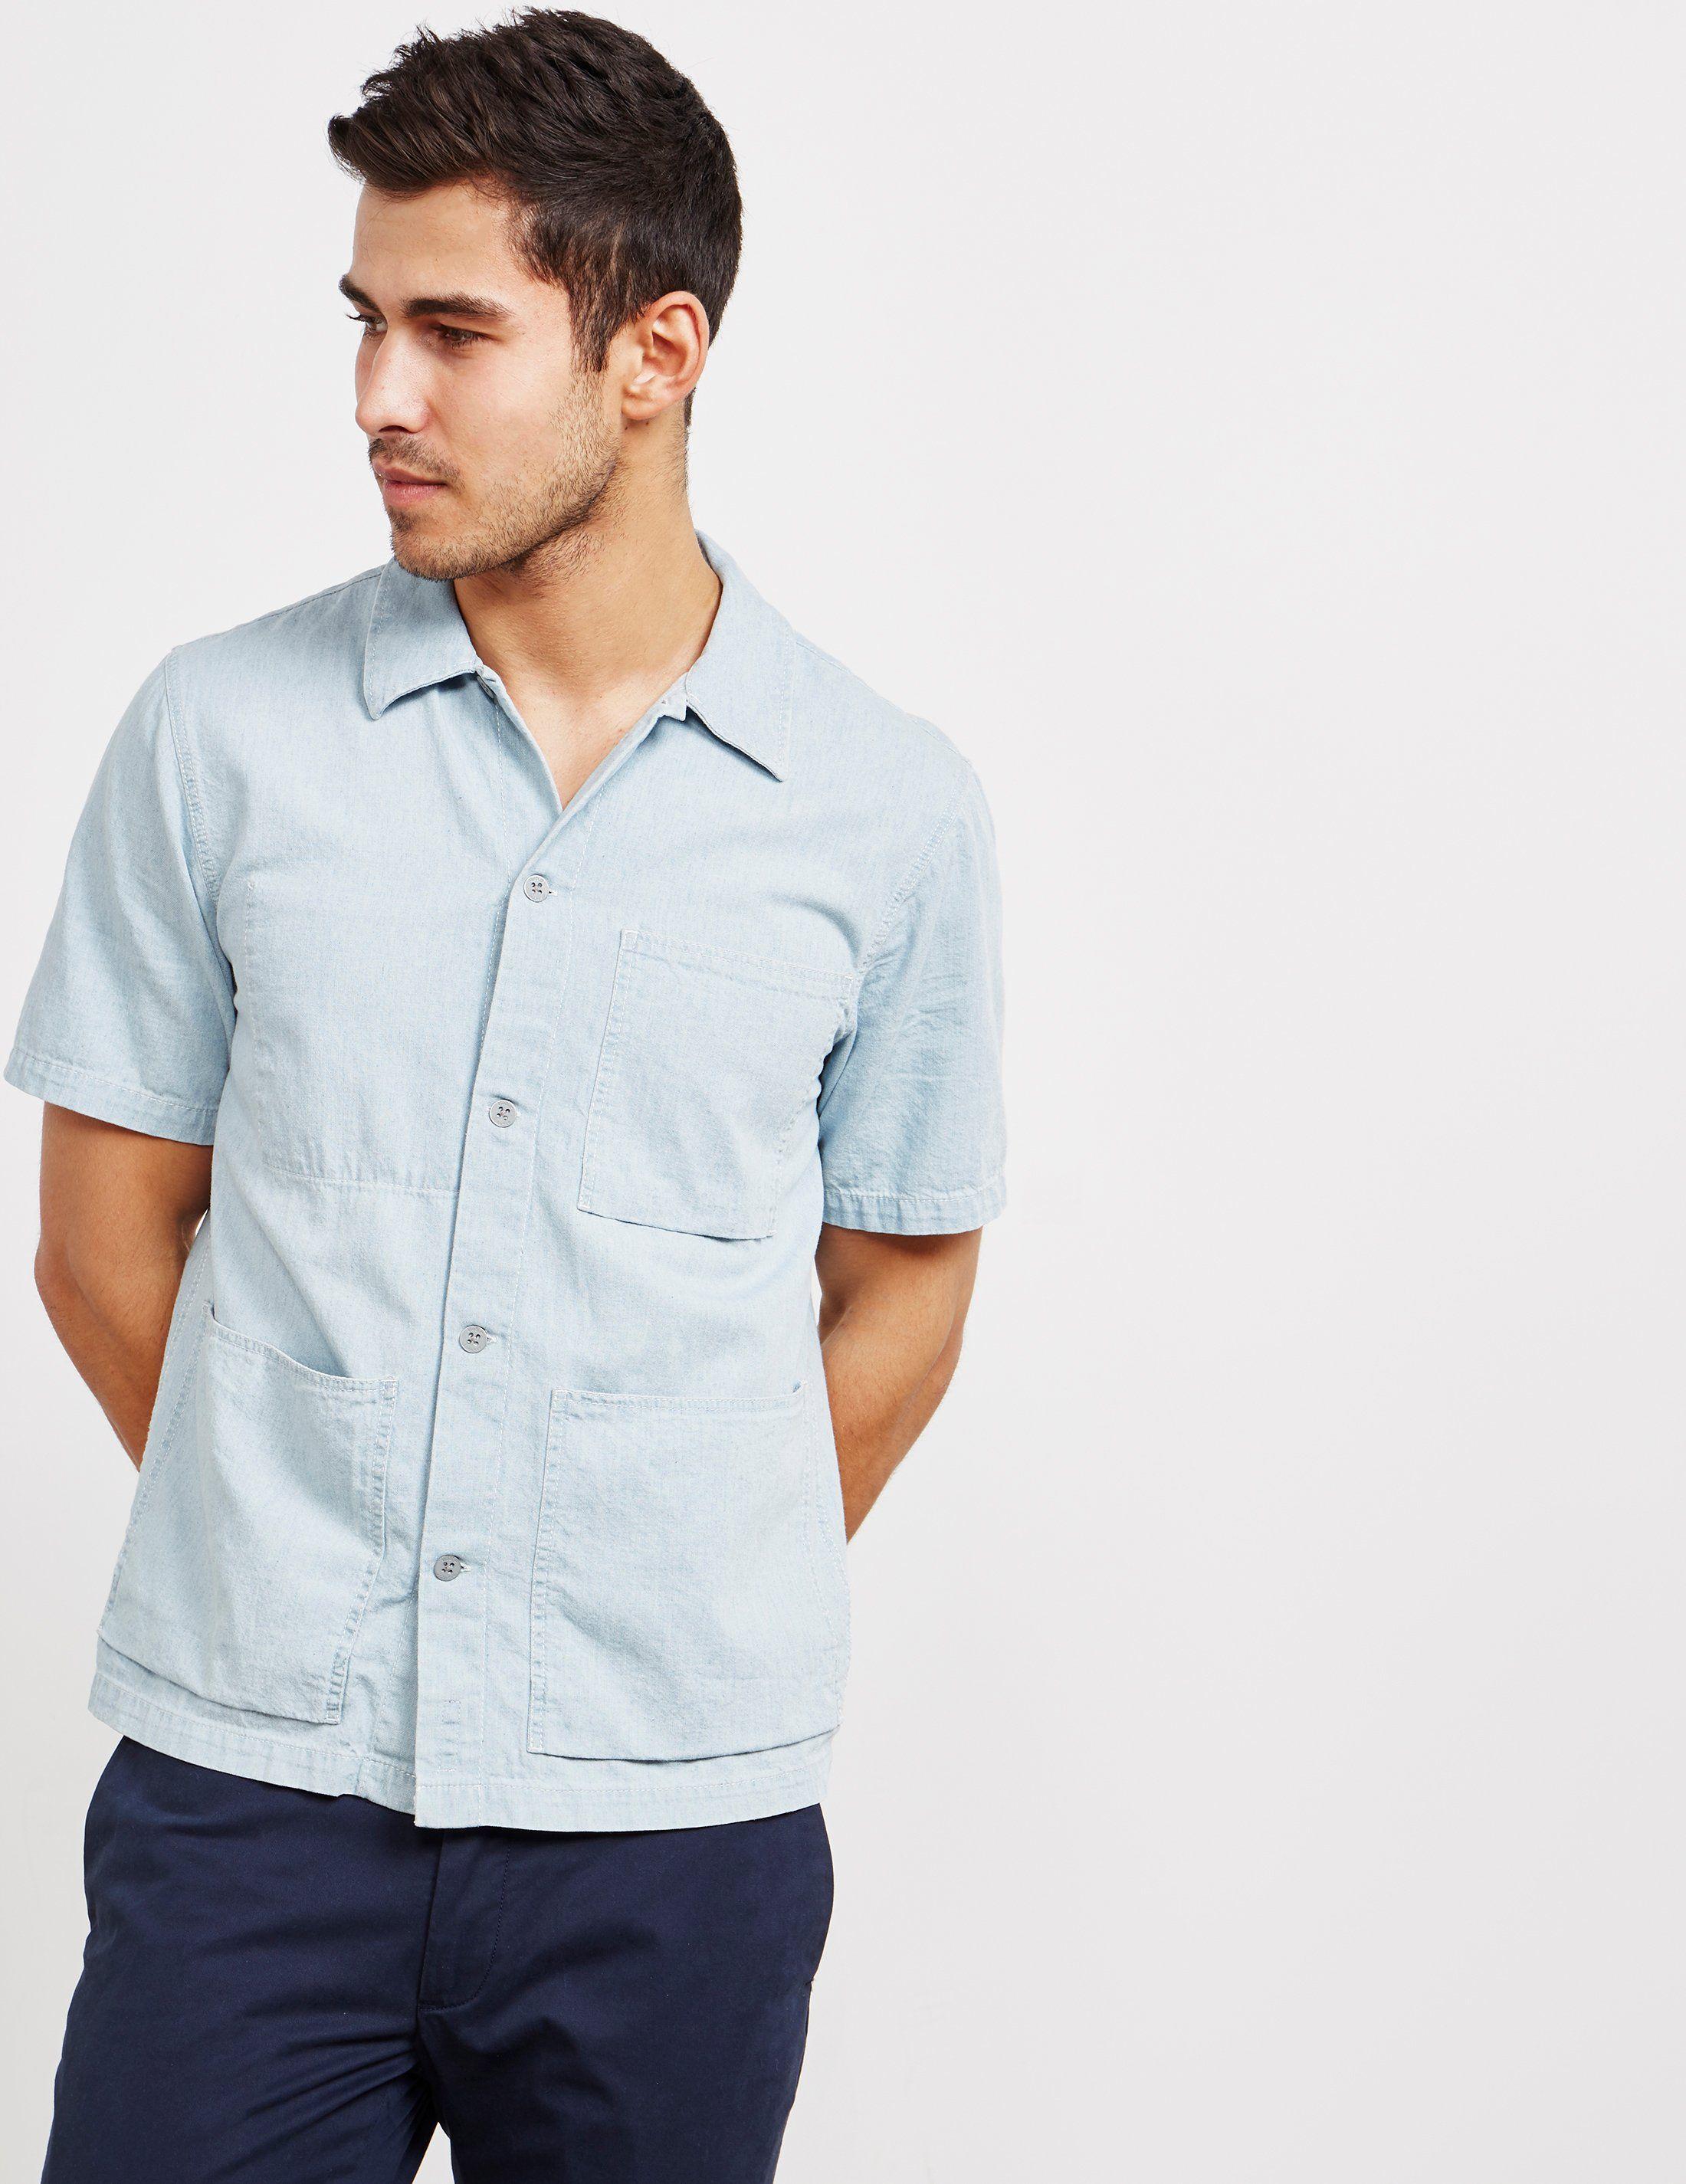 Nudie Jeans Denim Worker Short Sleeve Shirt - Online Exclusive